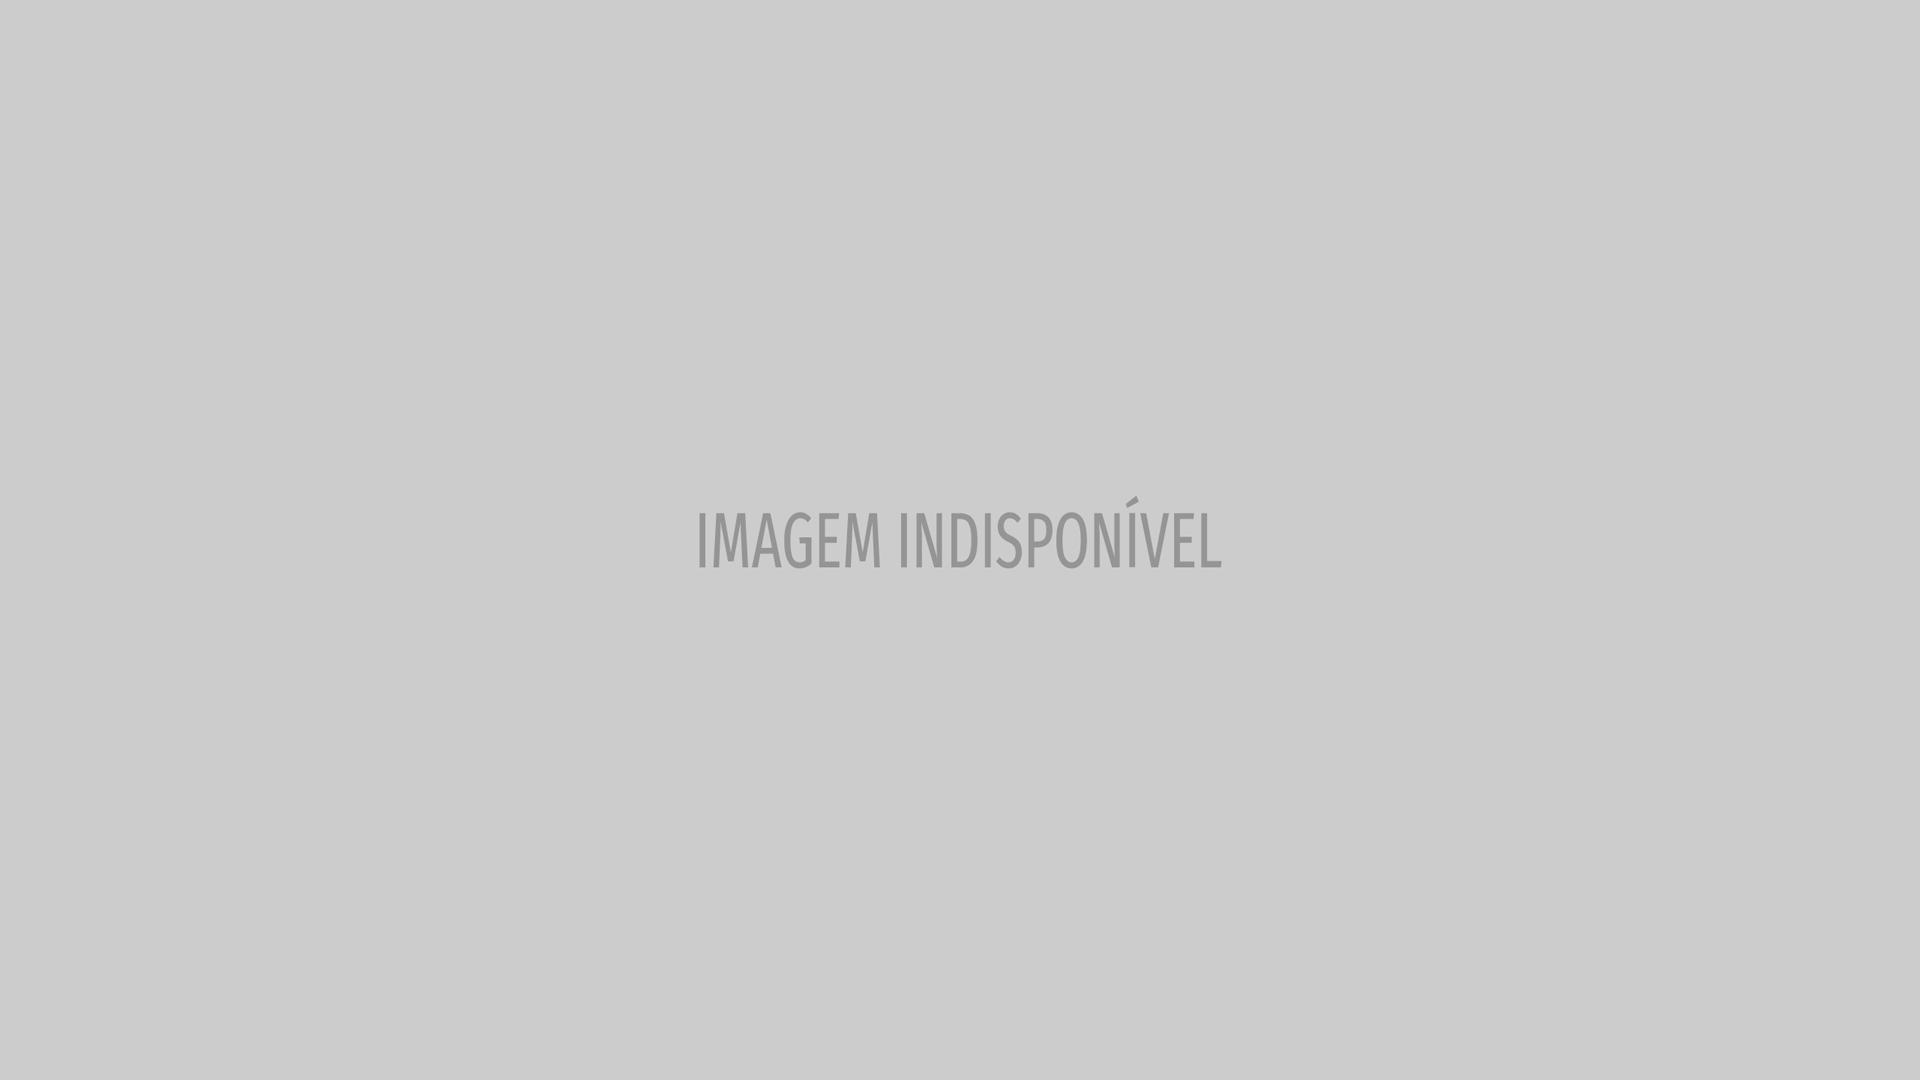 César Peixoto 'escaldante' em capa de revista